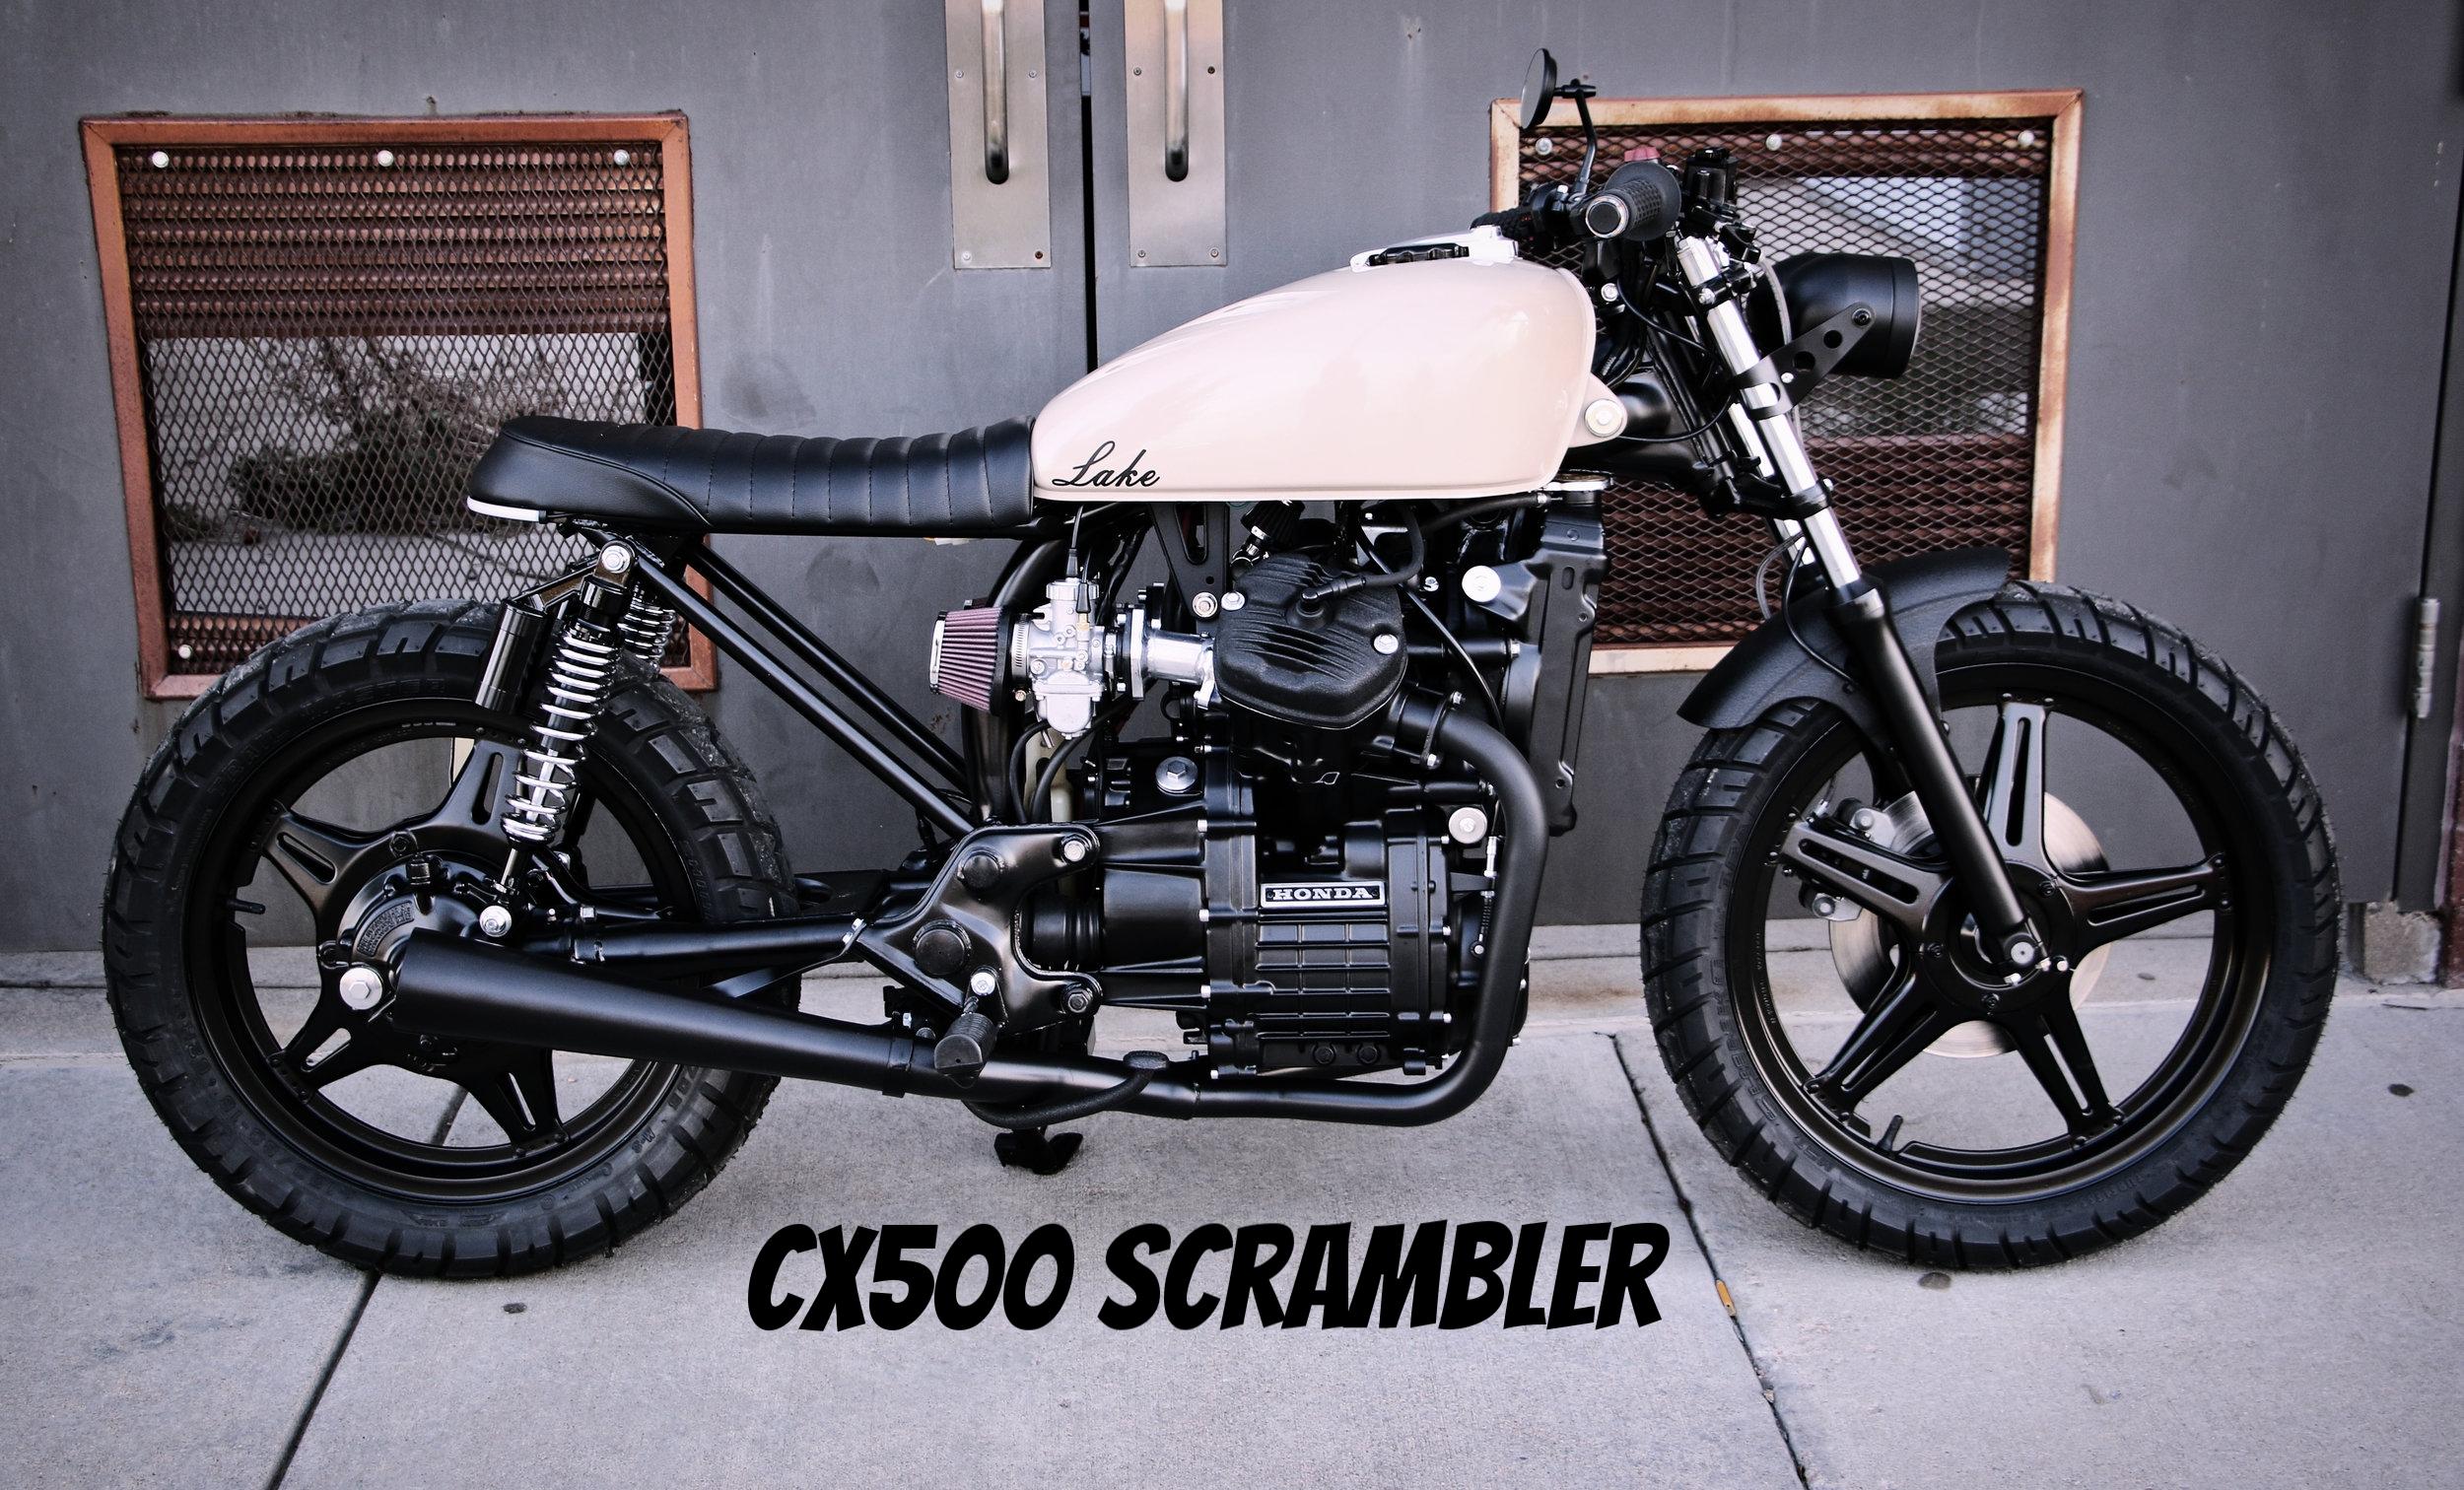 CX500 scrambler